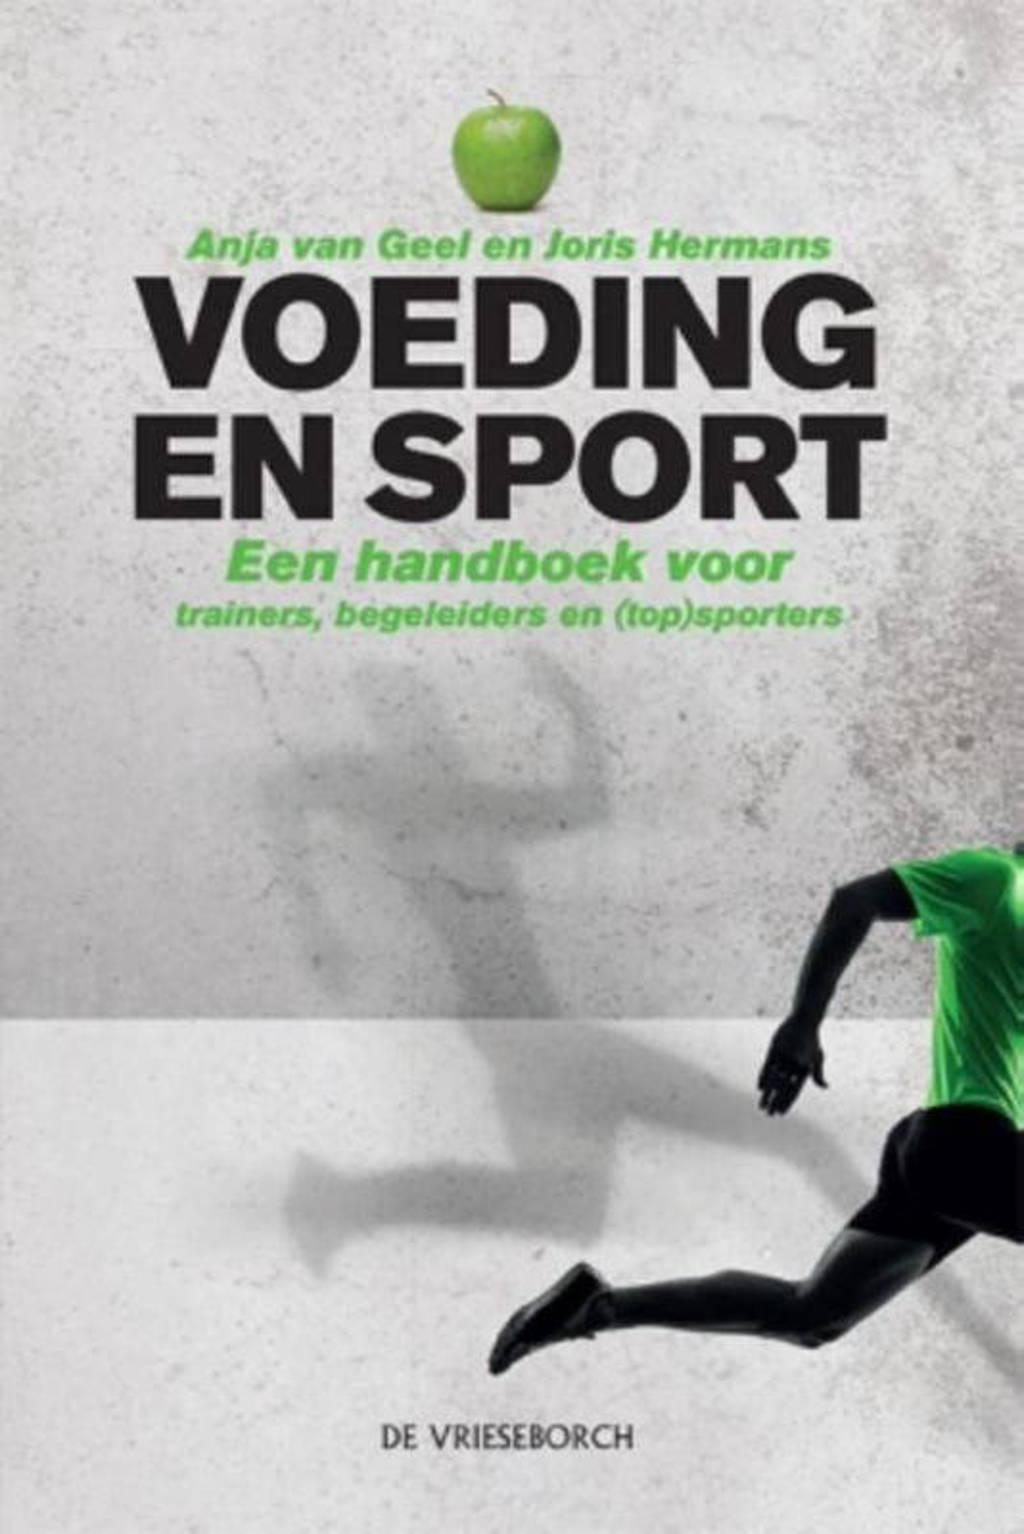 Voeding en sport - Anja van Geel en Joris Hermans